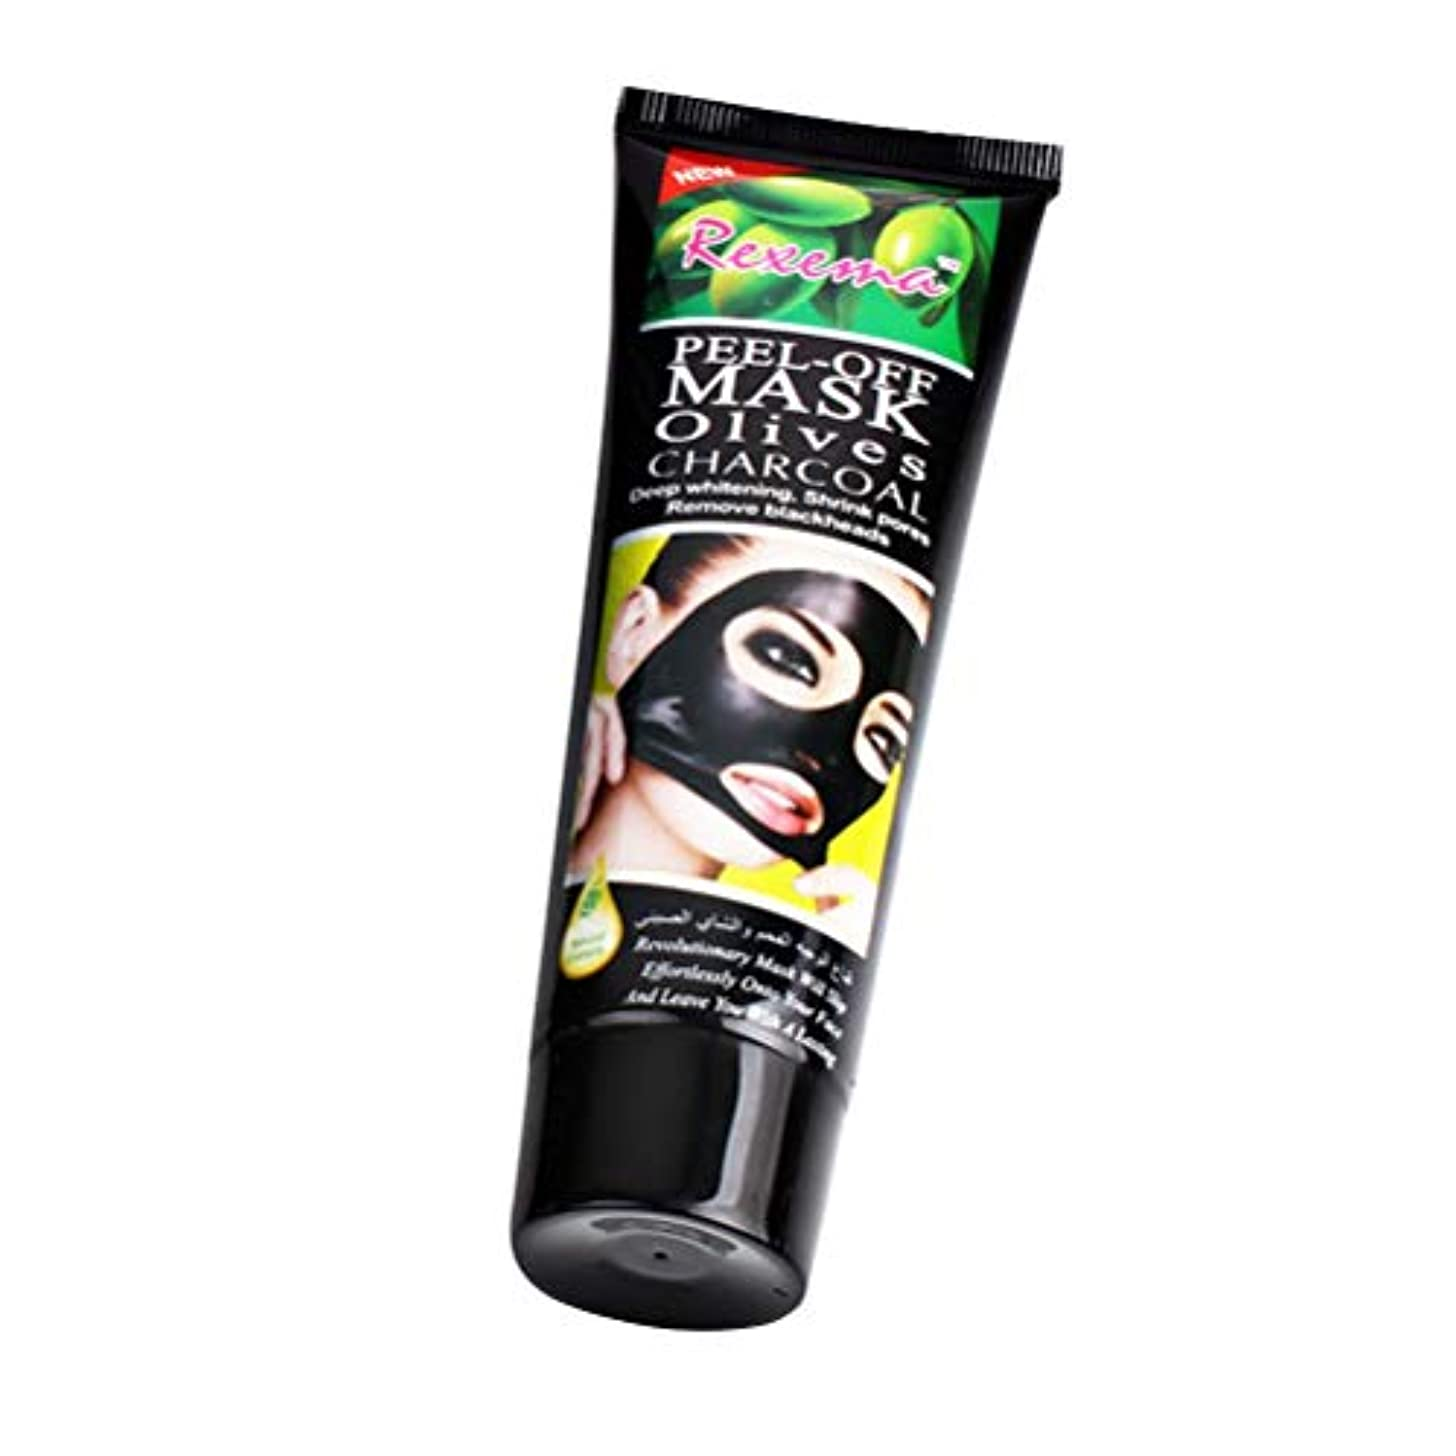 石化する仮説追い越すSUPVOX にきびの顔の毛穴の最小化装置の深い毛穴の浄化の処置のための自然なオリーブの顔のマスクの顔のマスクはしわのクリーニングおよび養う顔を減らします